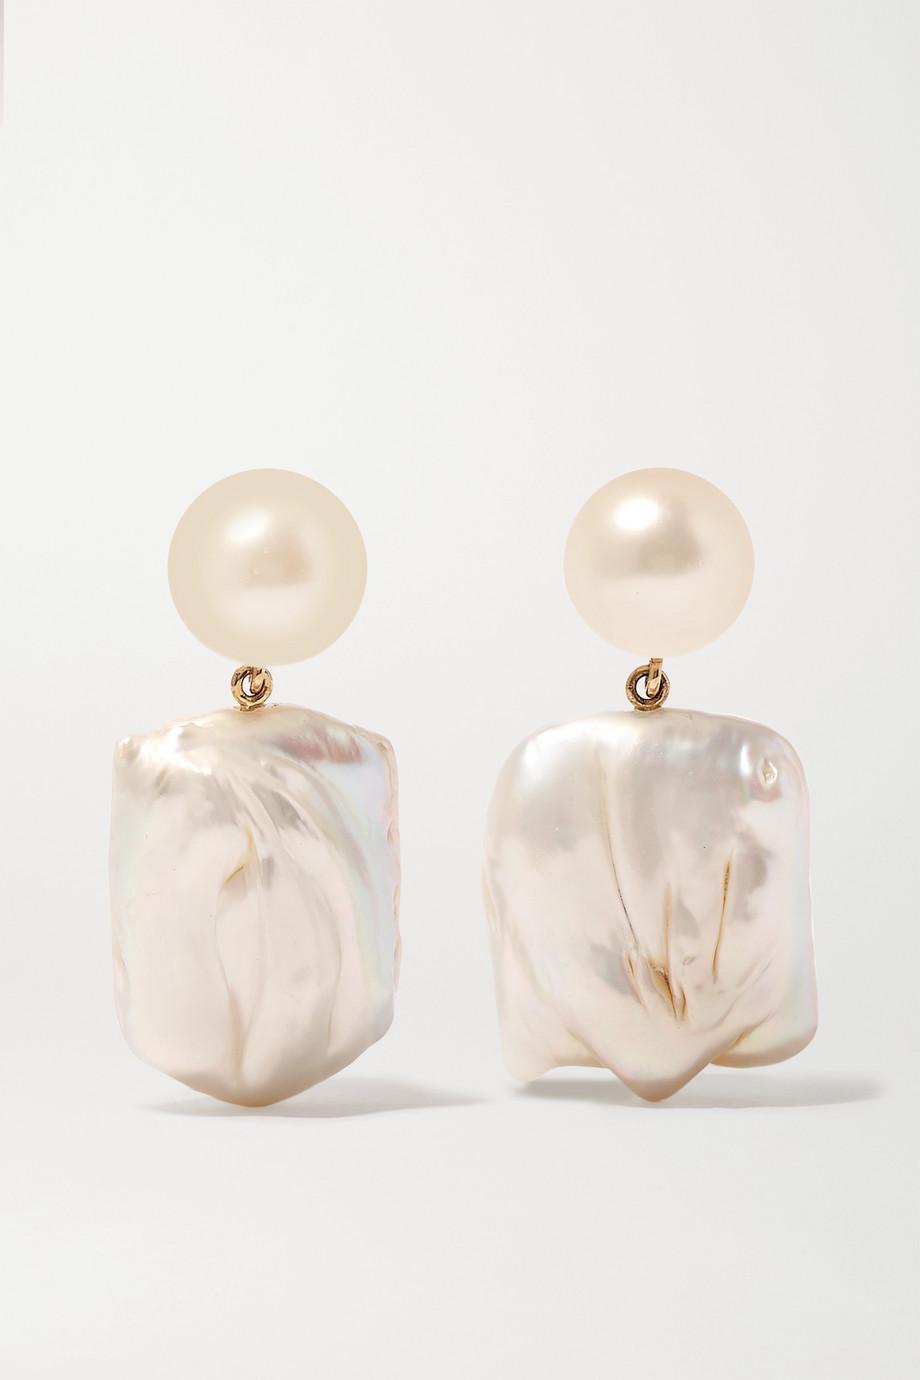 Sophie Bille Brahe Boucles d'oreilles en or 14 carats et perles Mondrian